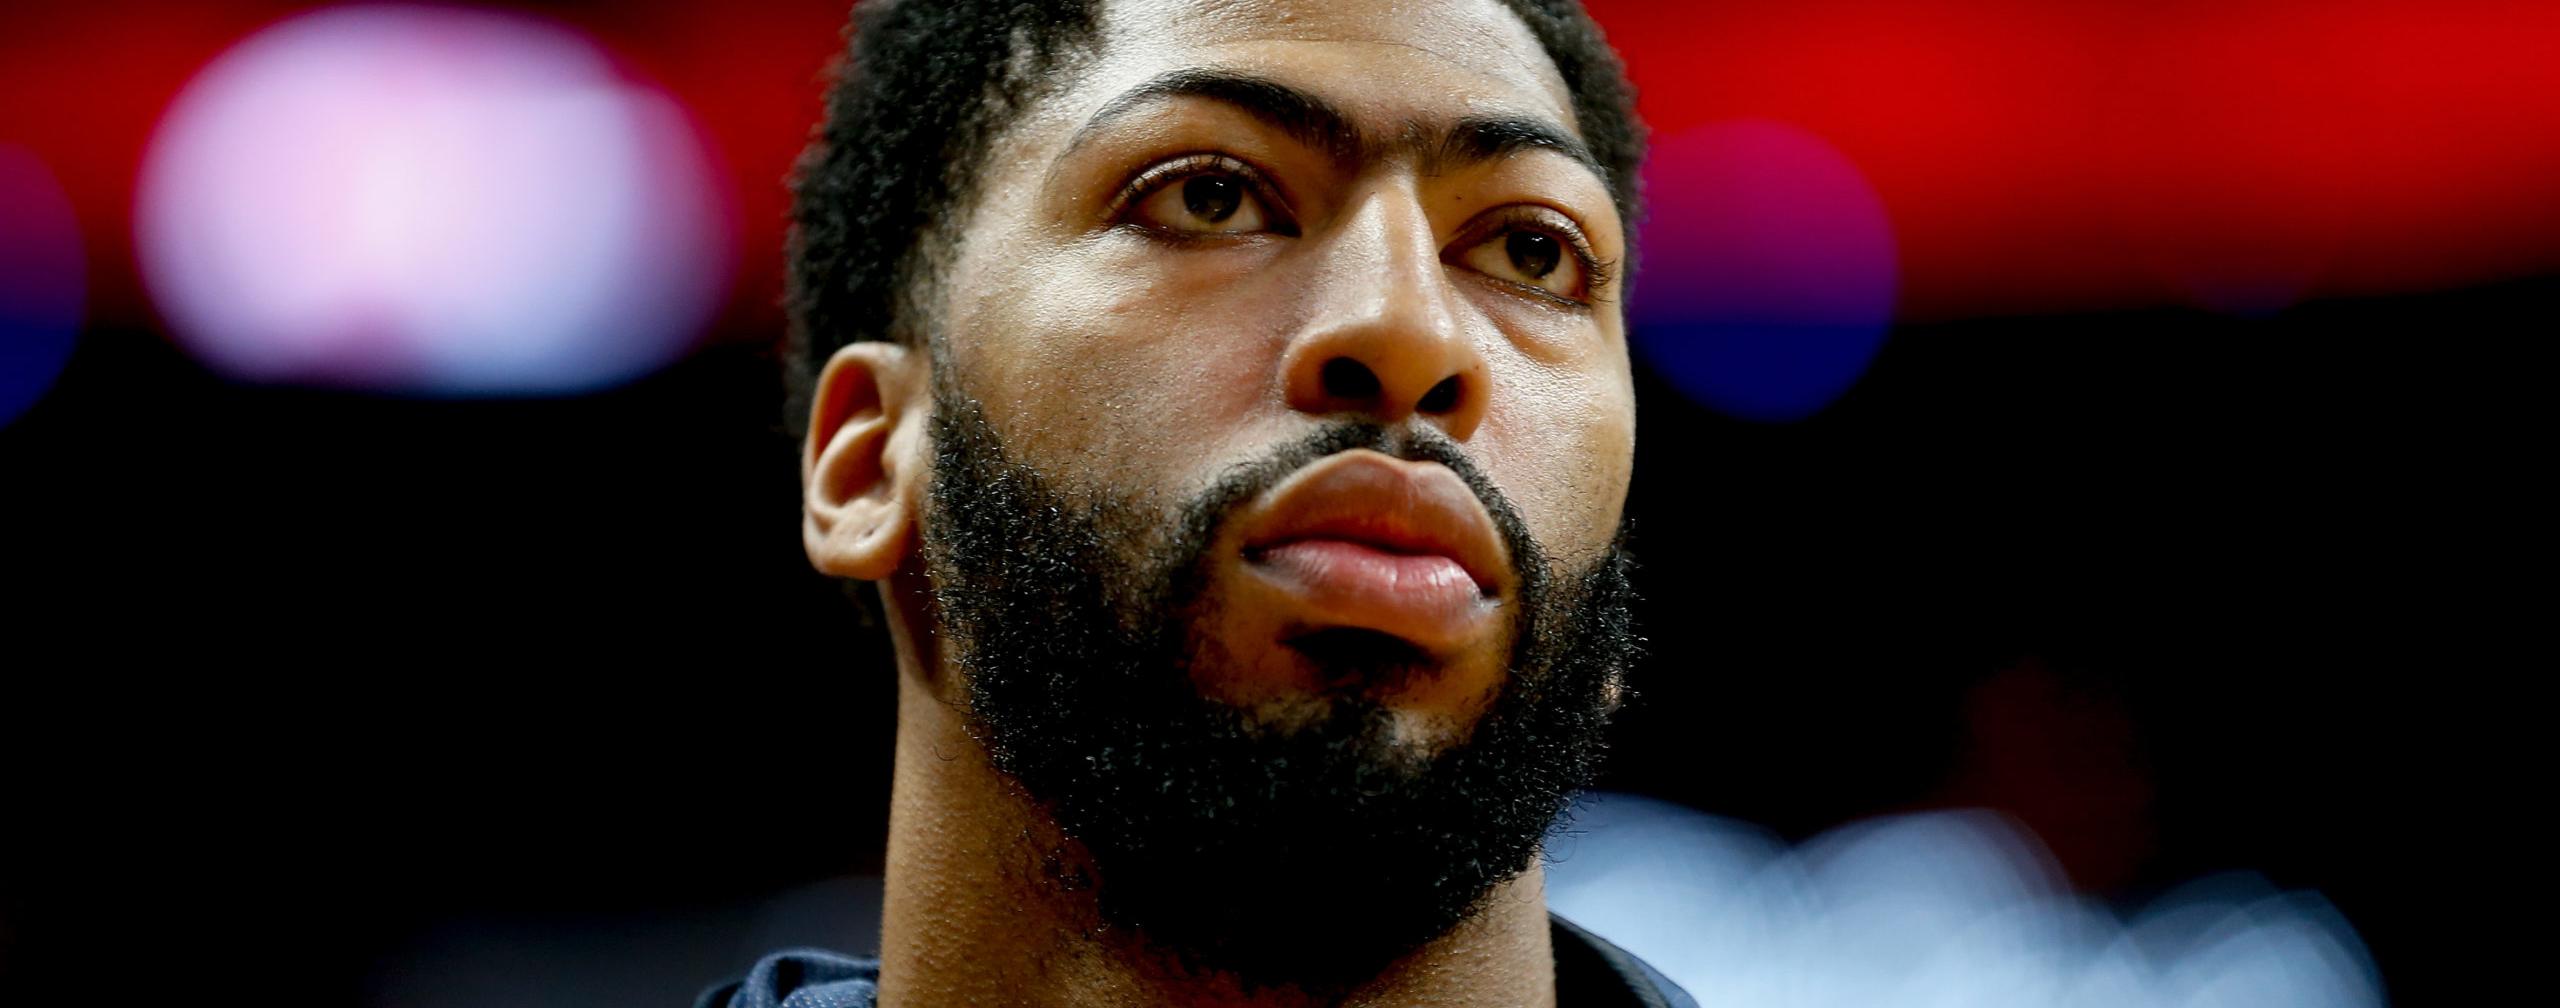 Pronostico Finale NBA, i Lakers in ansia per Davis e Miami spera nella rimonta-record: le quote di gara 6